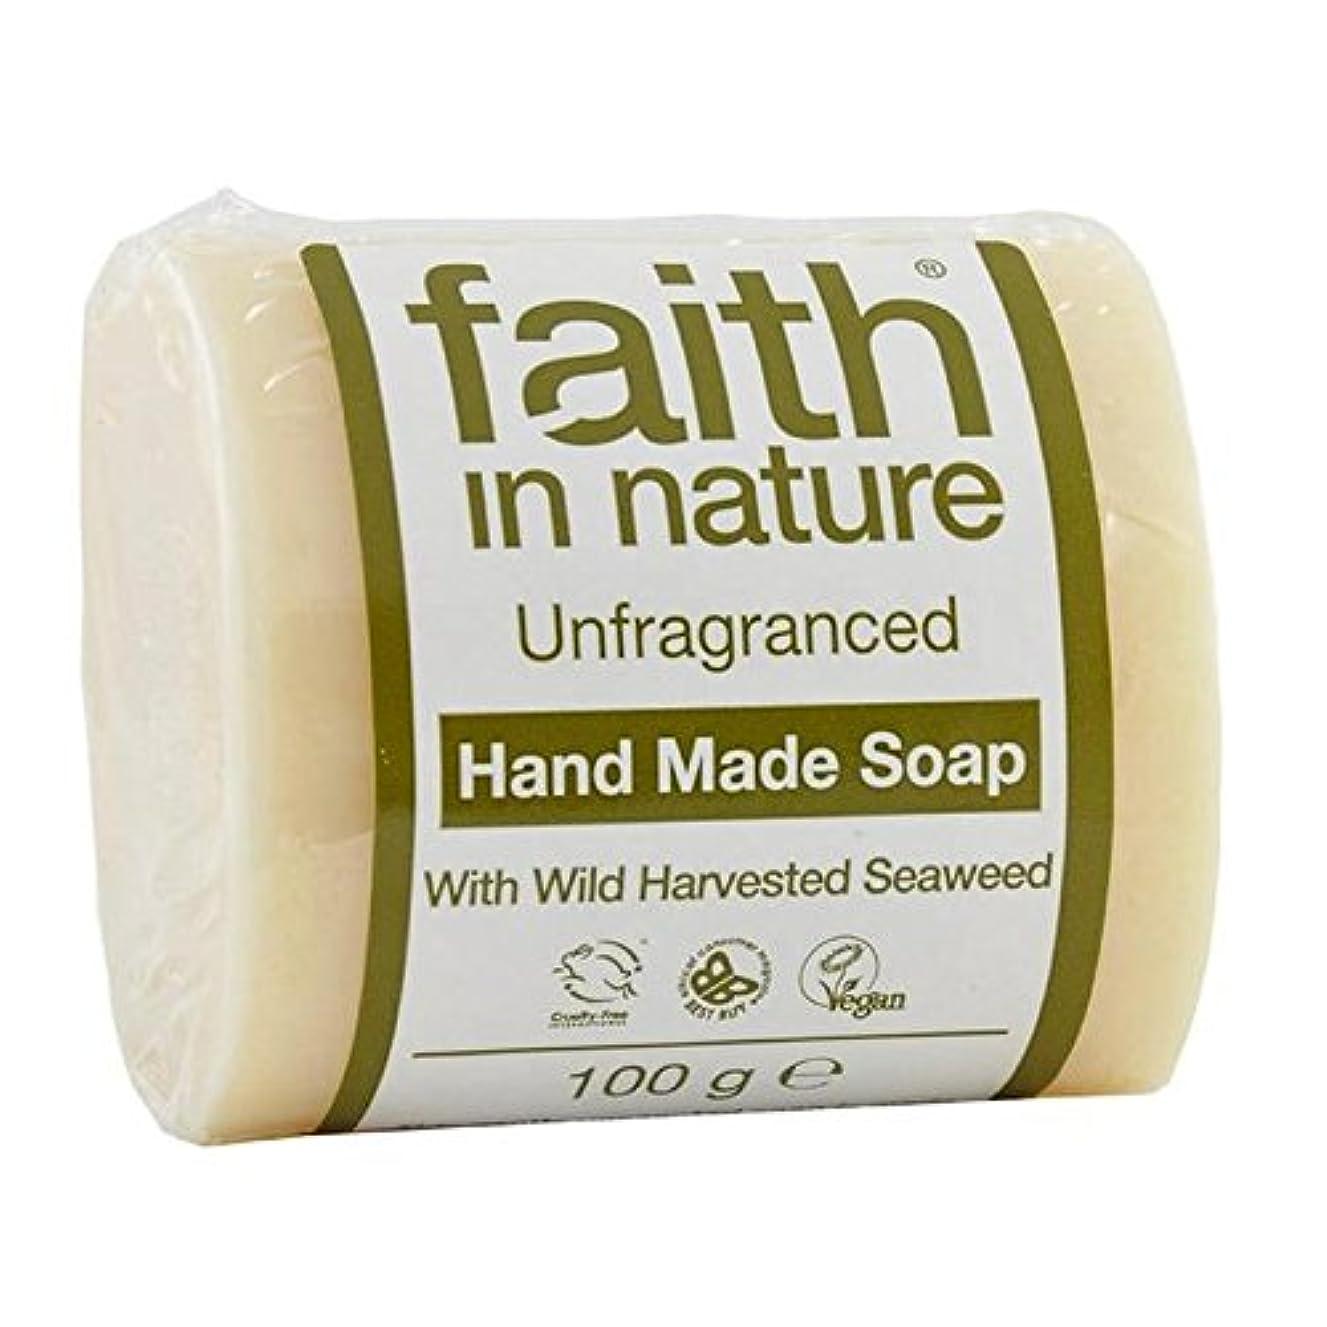 盗難鋭く予約Faith in Nature Unfragranced Pure Hand Made Soap 100g (Pack of 4) - (Faith In Nature) 自然の中で信仰は純粋な手作り石鹸100グラムを無香料...